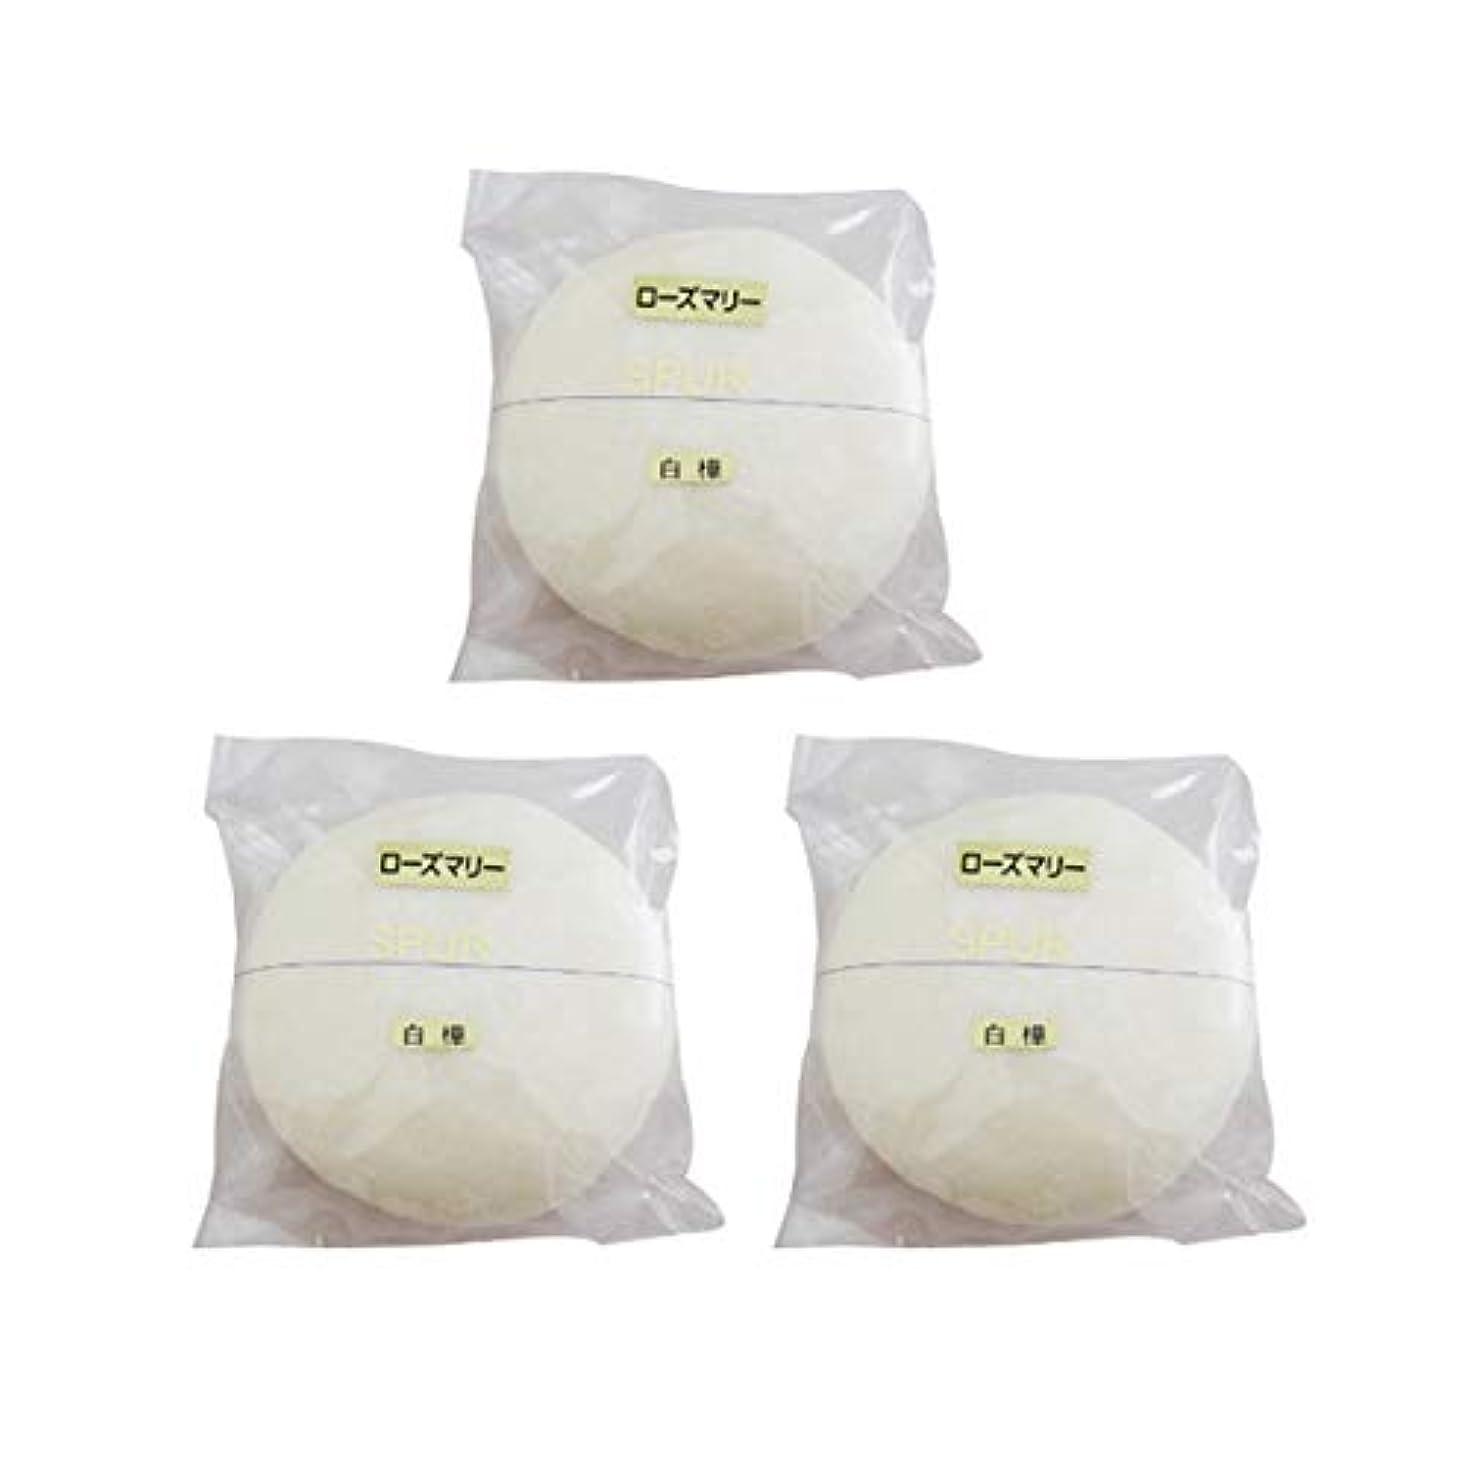 エジプト人猟犬まっすぐハーブ研究所 山澤清の香草石鹸(白樺樹液練り)ローズマリー(70g×3個)3個セット 無添加ローズマリー石鹸